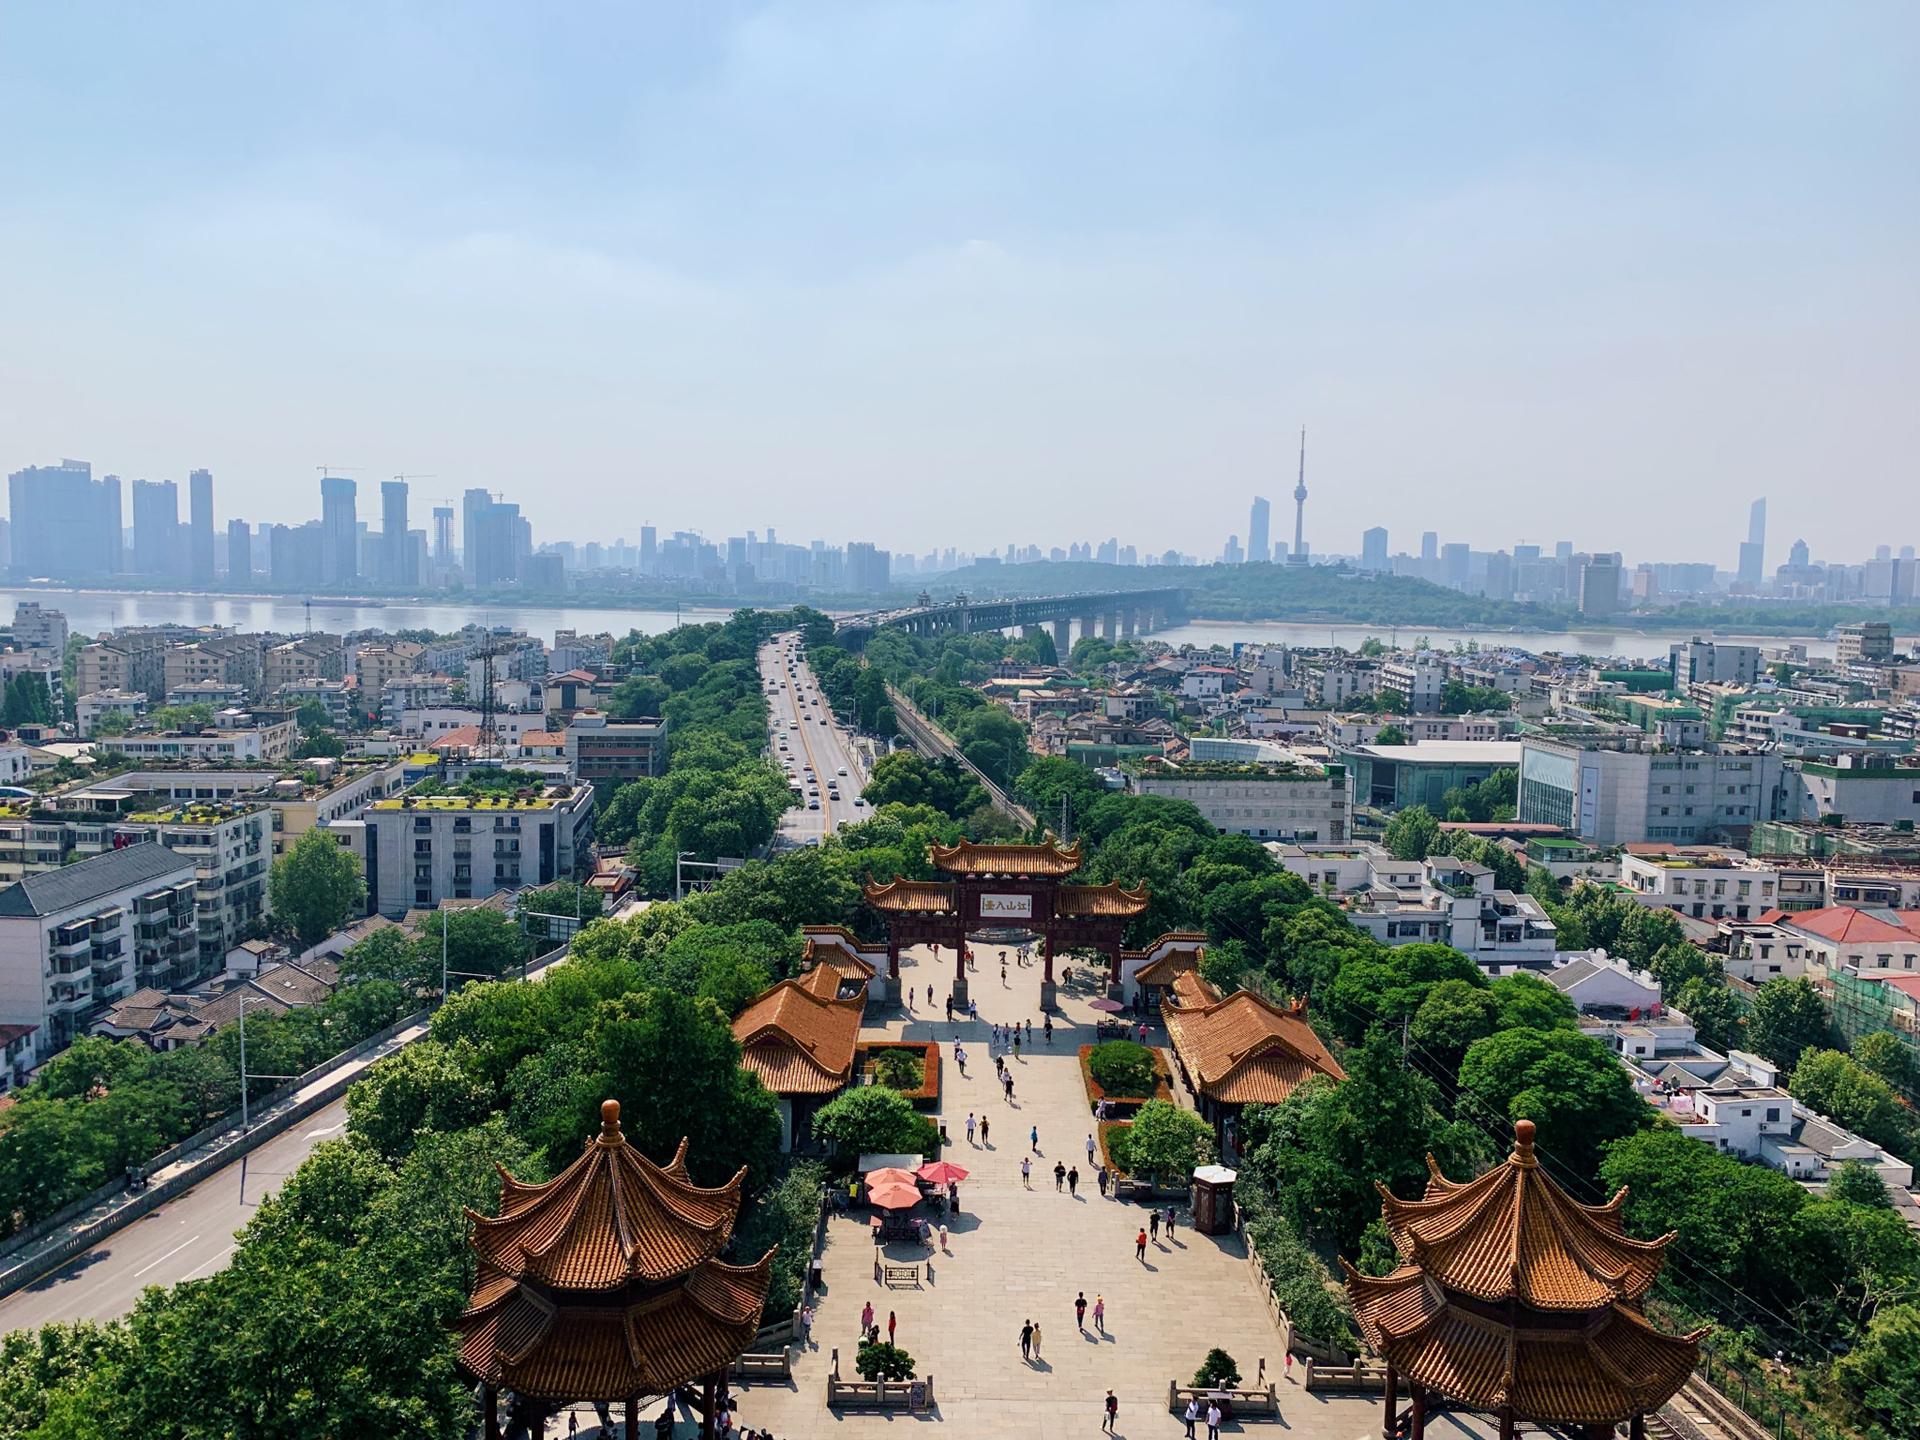 光谷gdp_每日新增98家企业中国光谷首位度提升GDP增速领跑全市